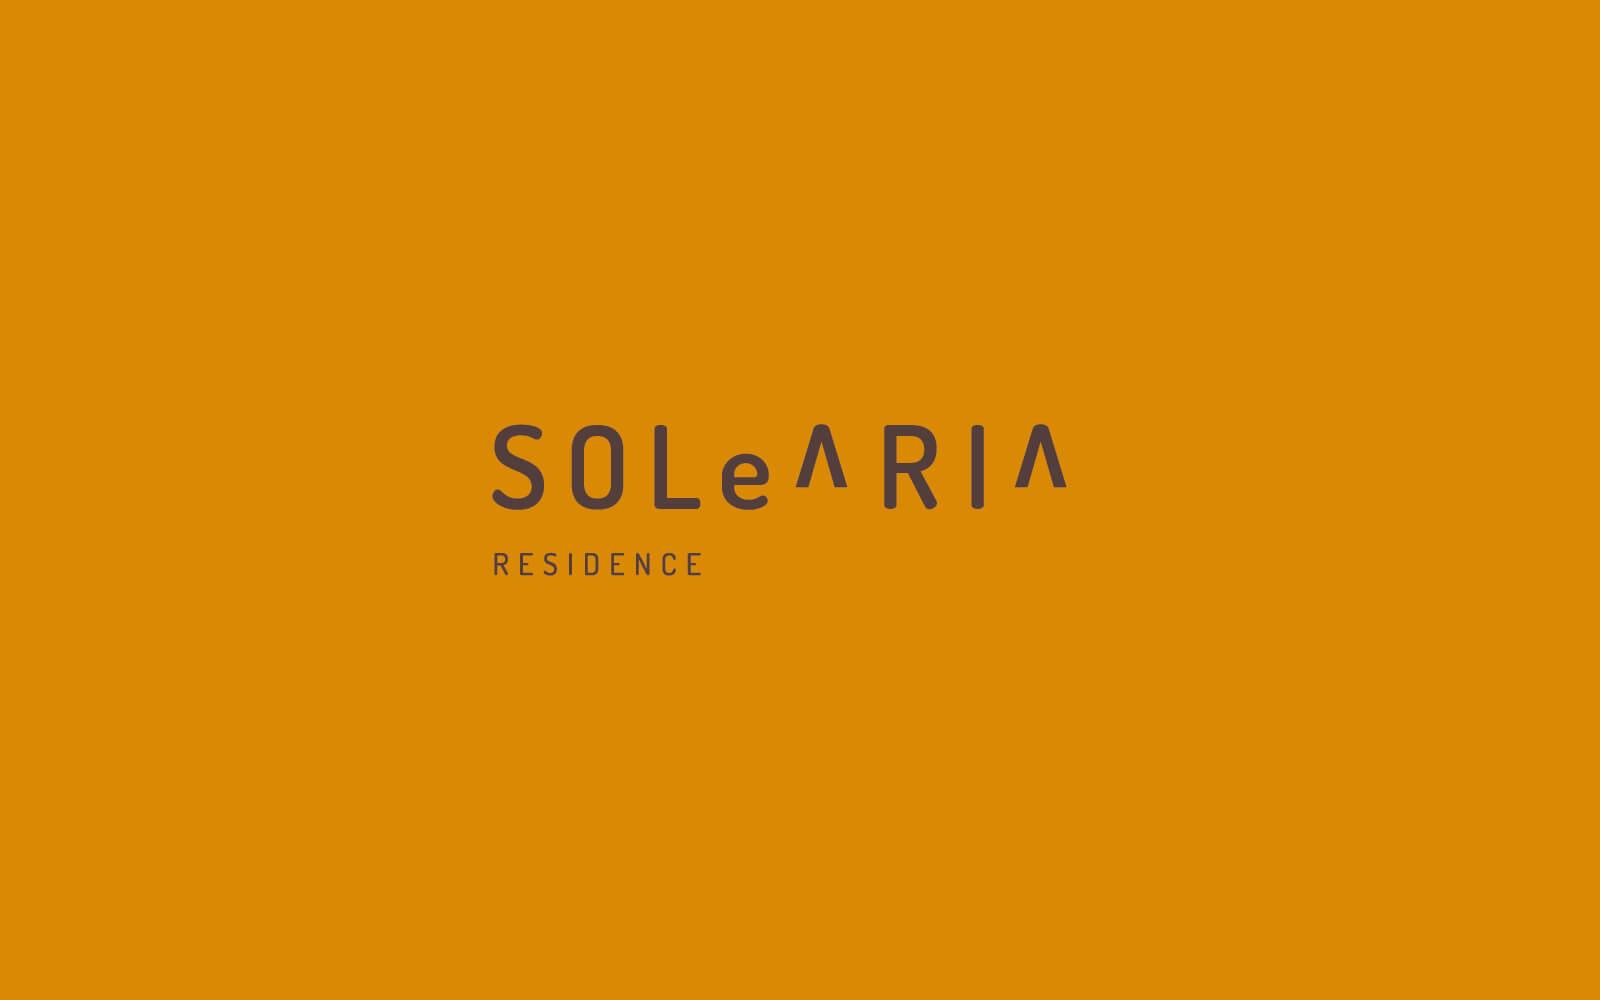 progetto grafico del logo e della immagine coordinata per b&B solearia, creato dallo studio di pubblicità diadestudio arco trento